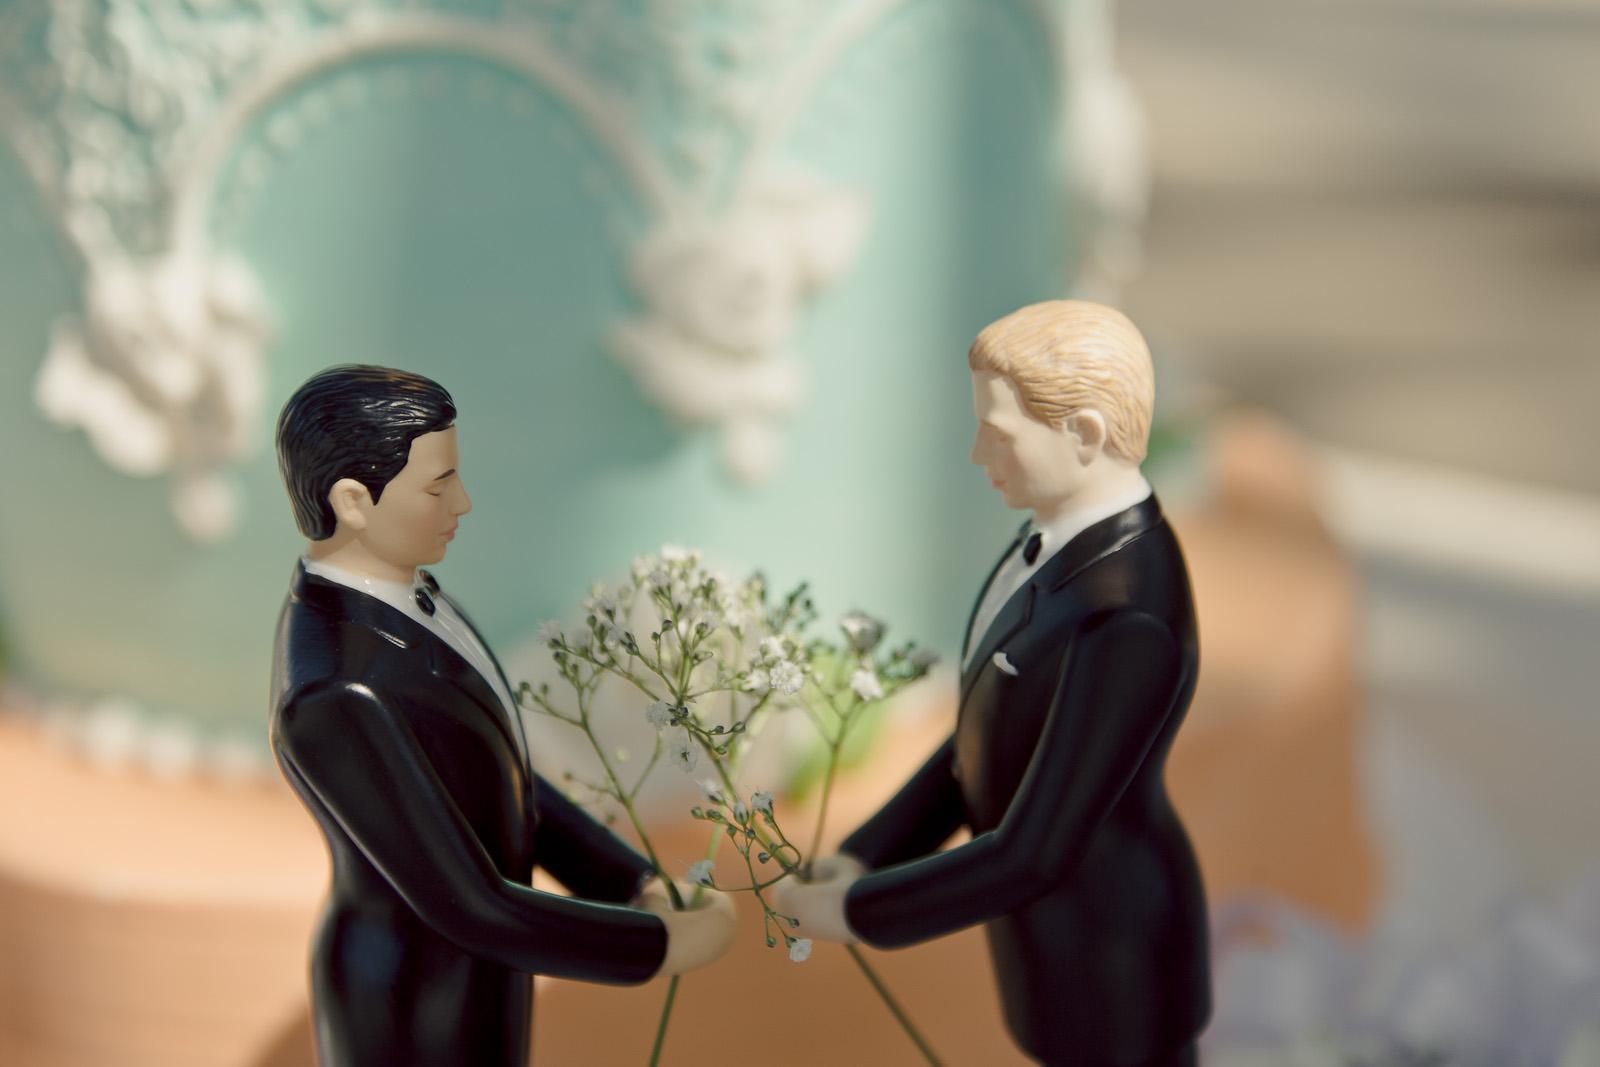 Matrimonio e adozione per i gay, la Francia dice sì a partire dal 2013